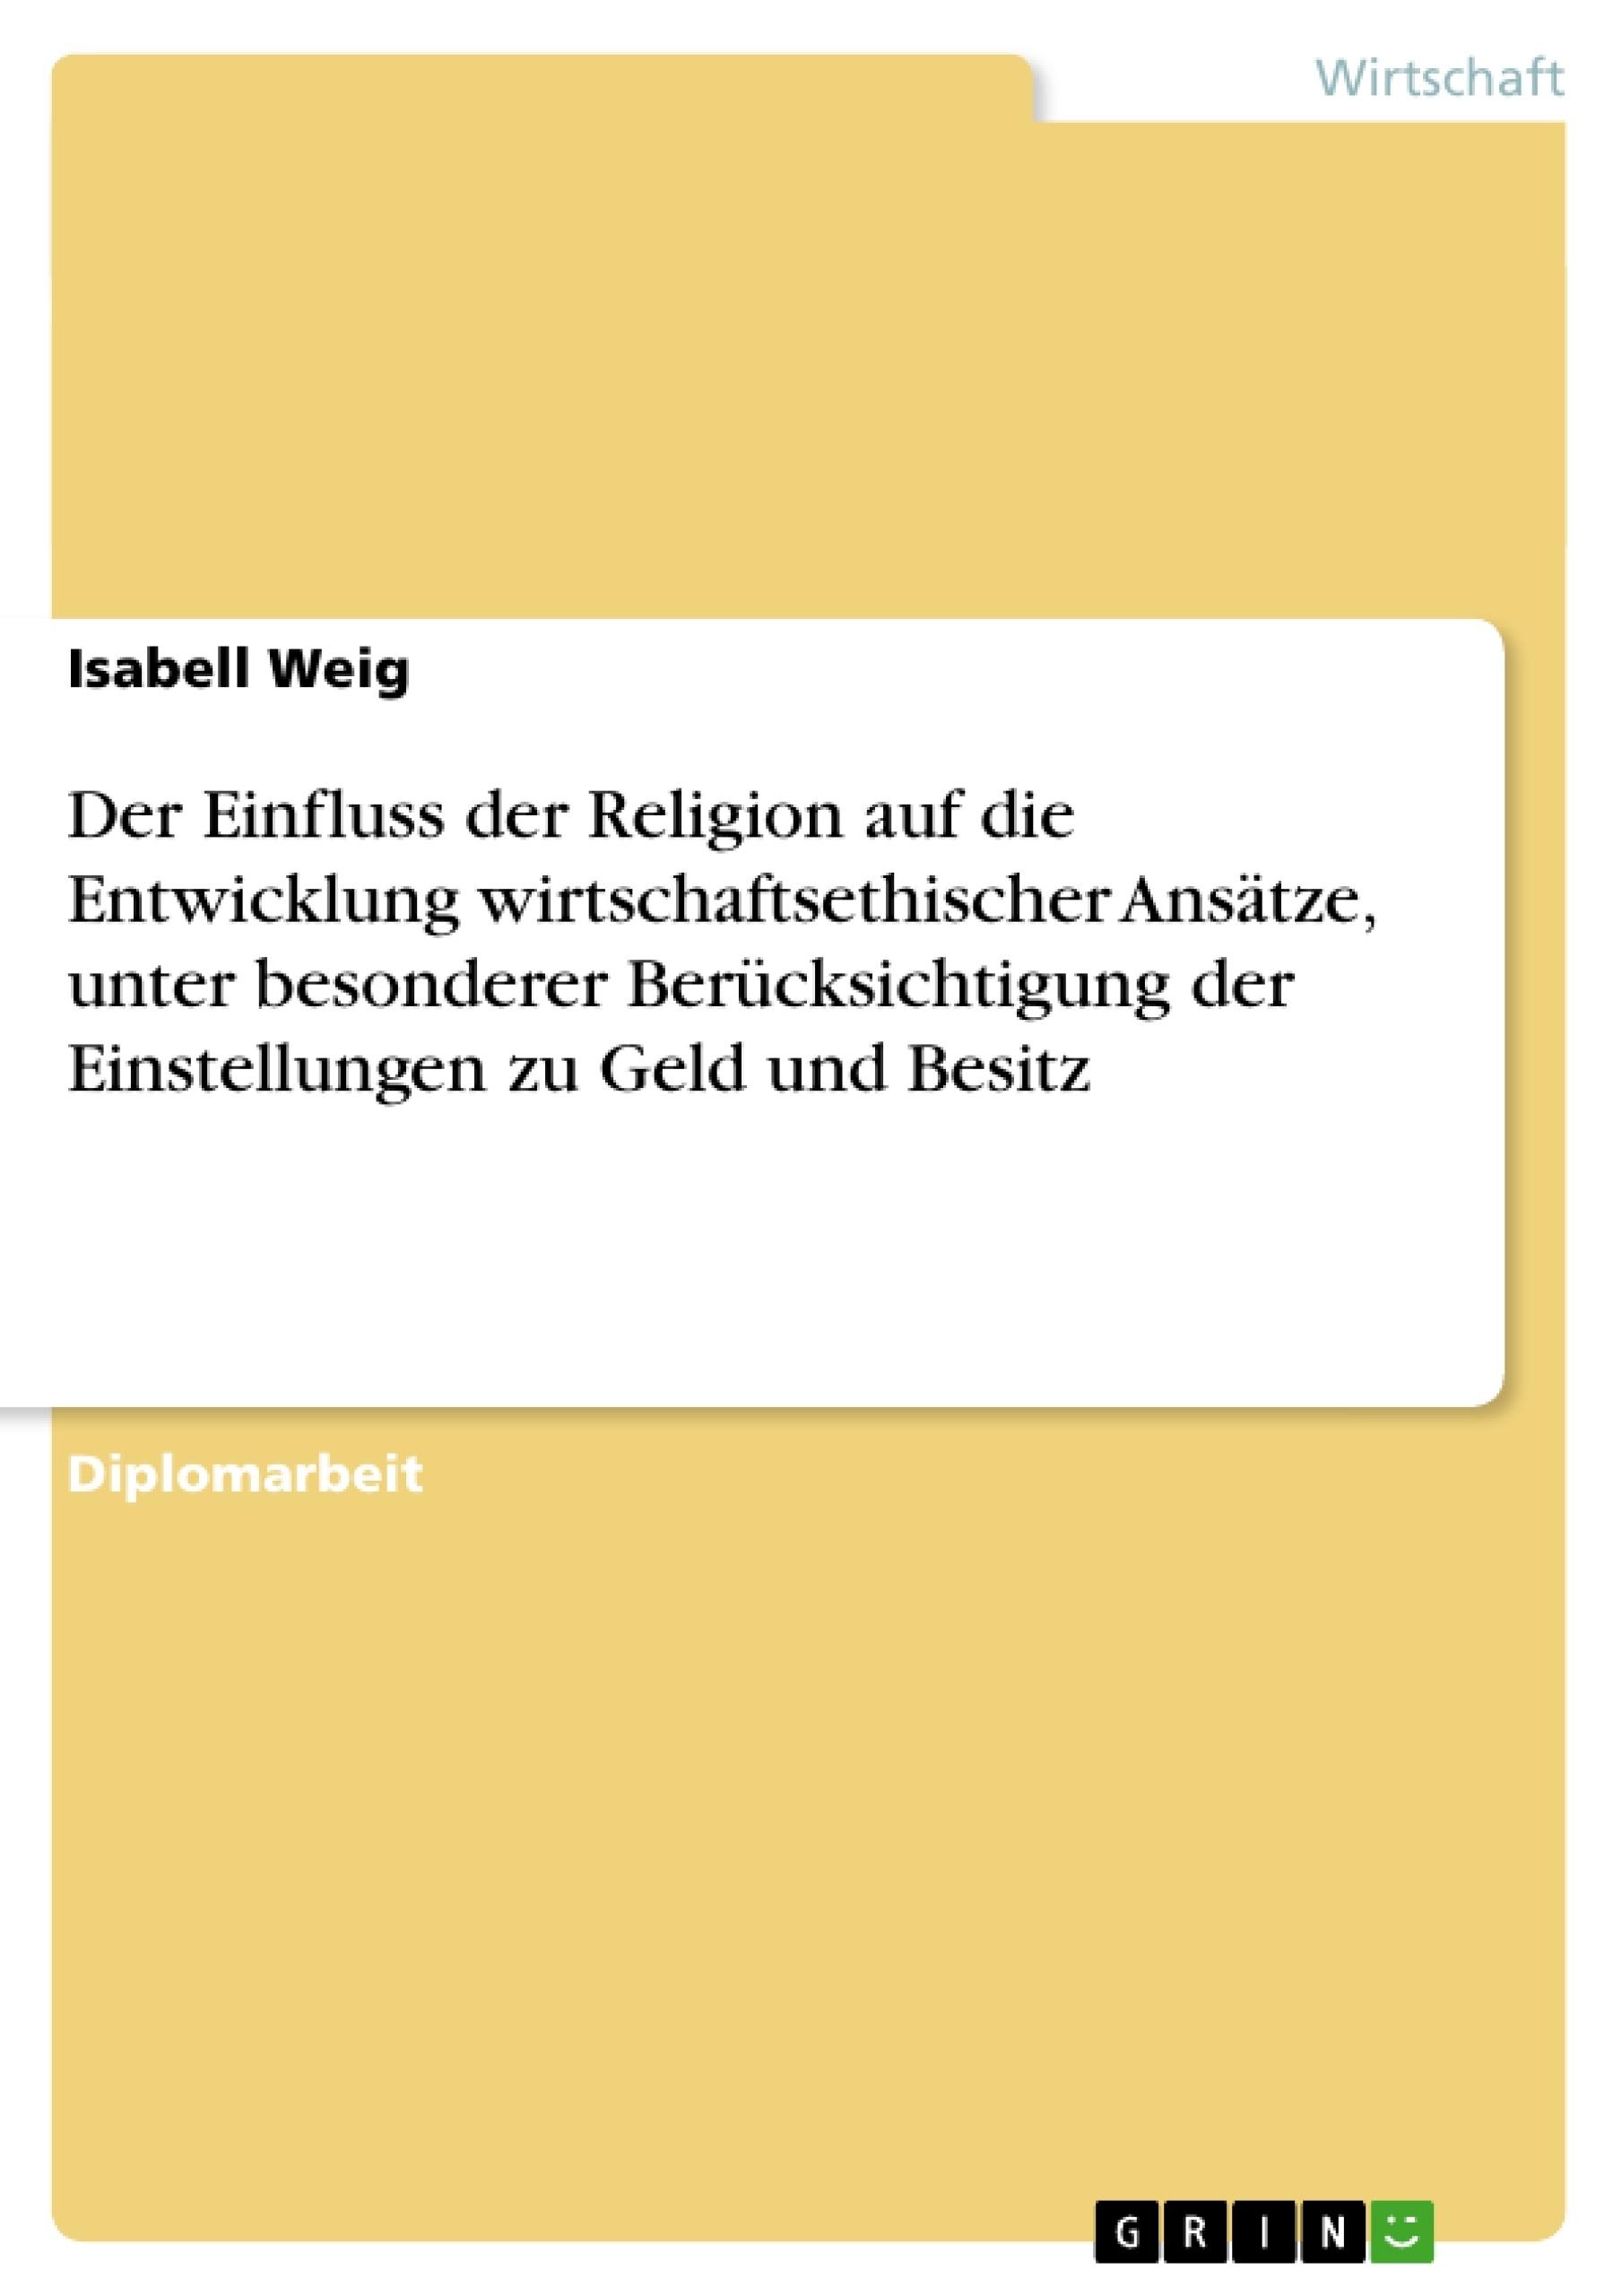 Titel: Der Einfluss der Religion auf die Entwicklung wirtschaftsethischer Ansätze, unter besonderer Berücksichtigung der Einstellungen zu Geld und Besitz